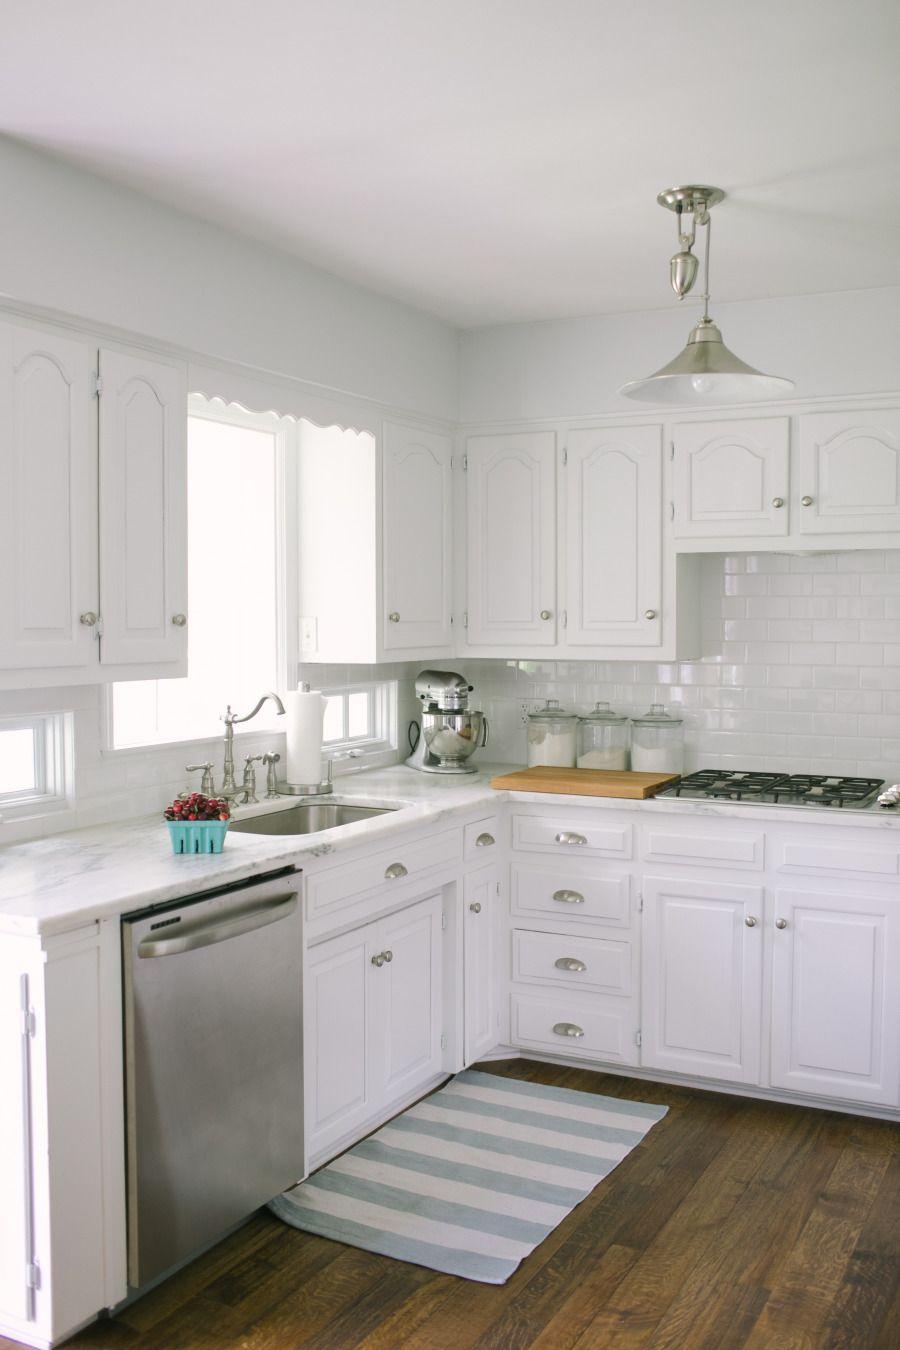 white kitchen | Cool Kitchens | Pinterest | Kitchens, House and ...